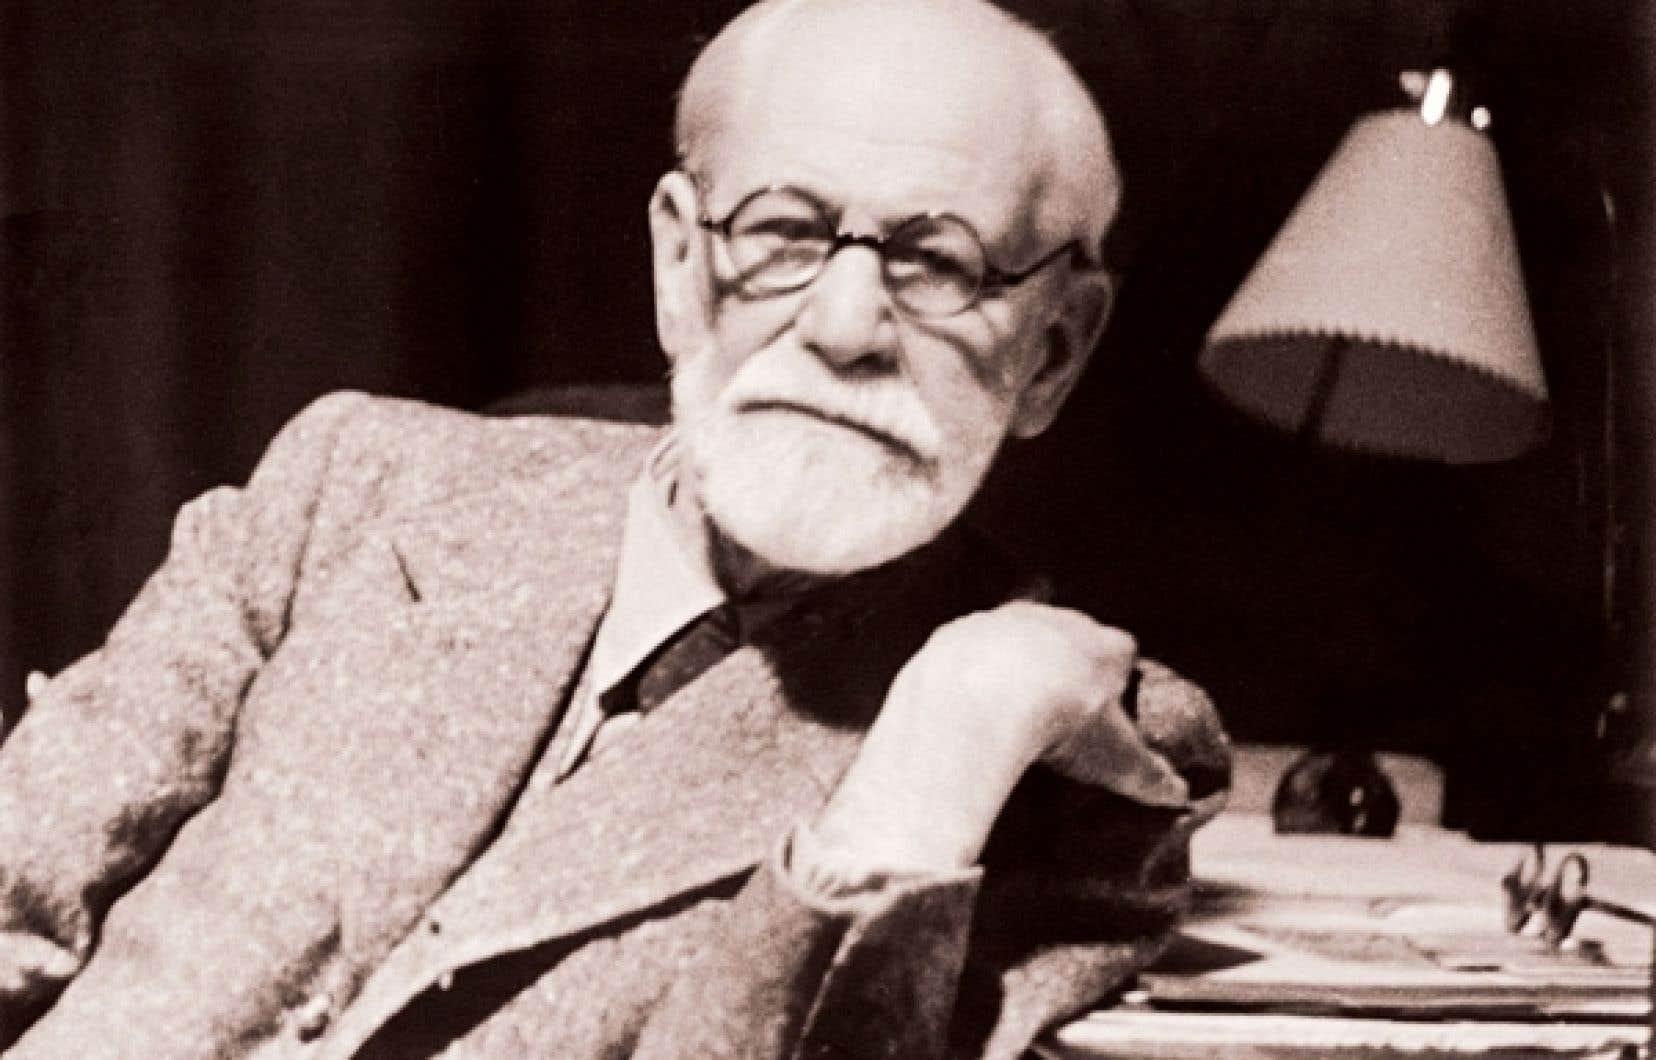 <div> Sigmund Freud, pionnier de la psychanalyse, a été le brillantissime porte-parole de l'inconscient.</div>